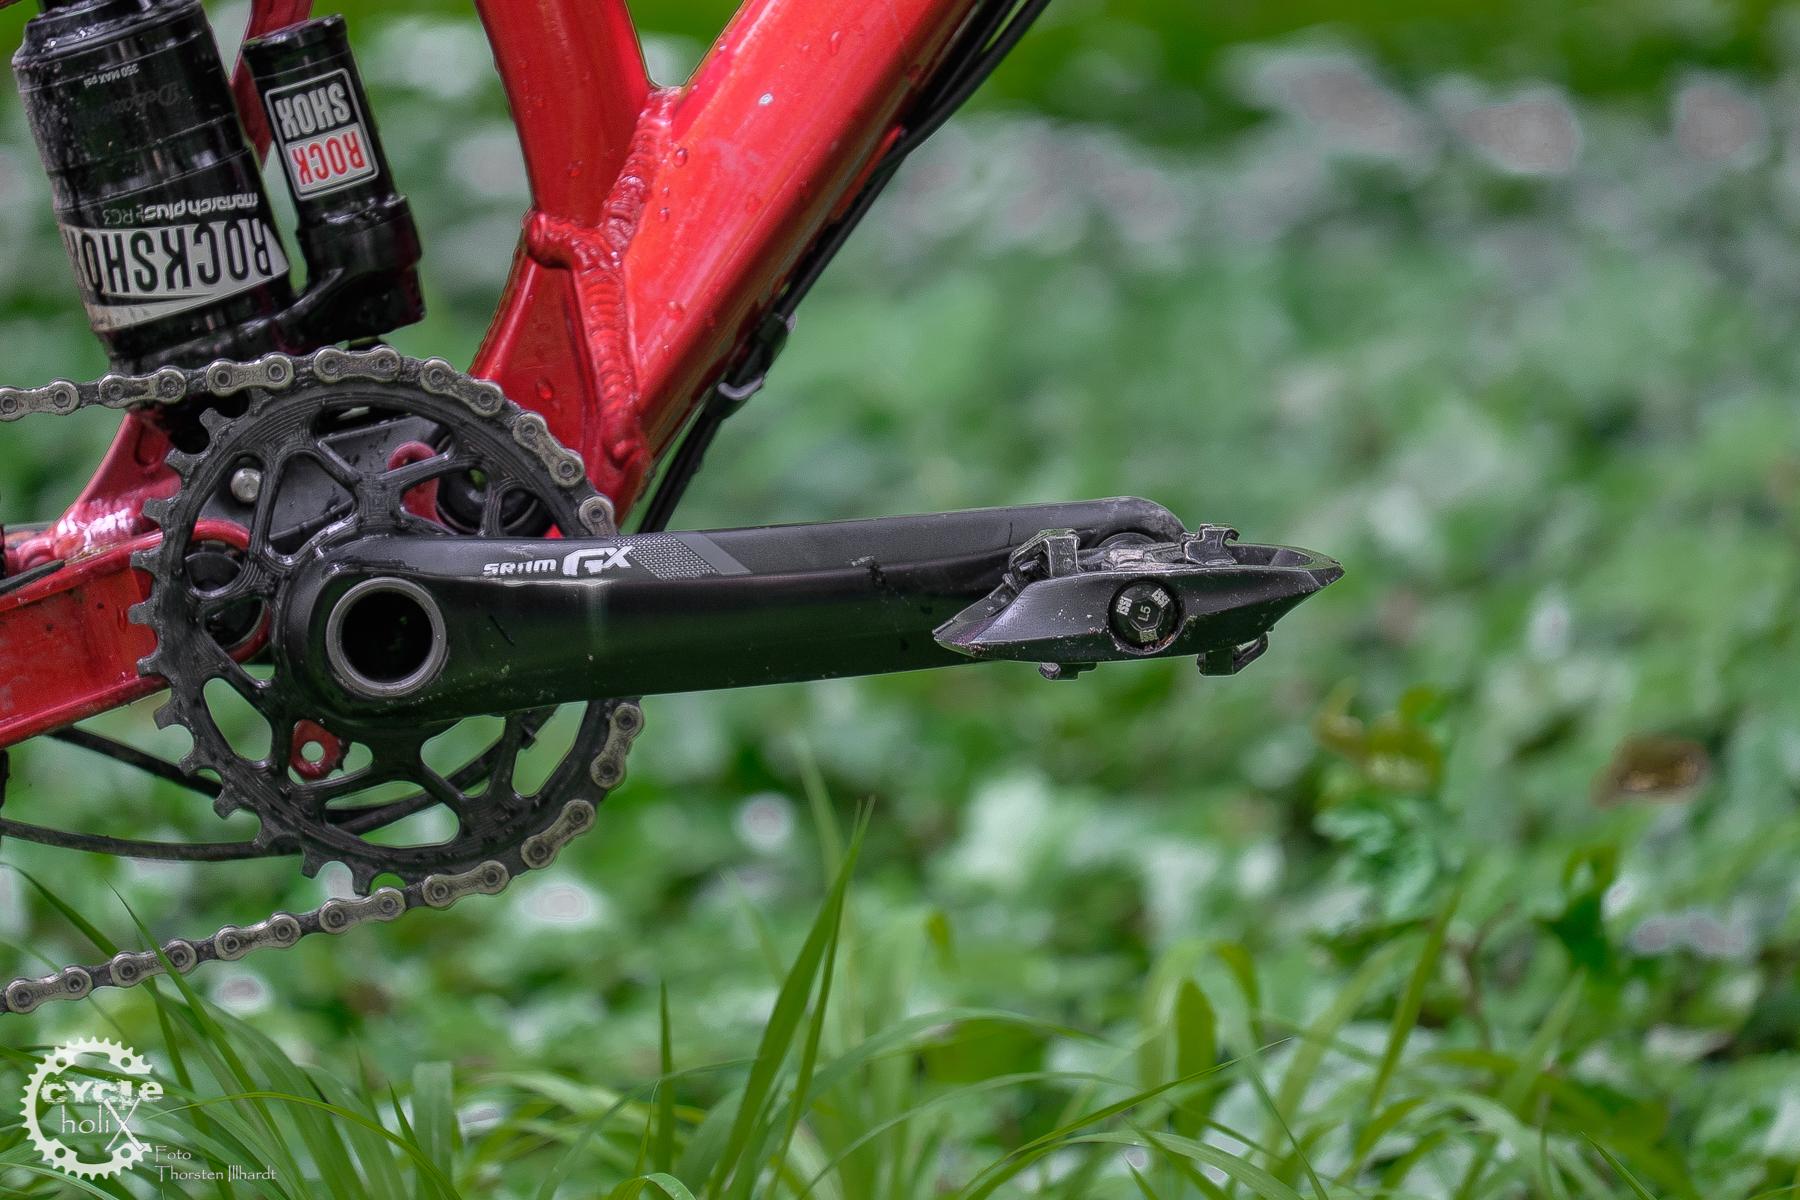 Am Bike montiert - iSSi Trail macht eine schlanke Figur